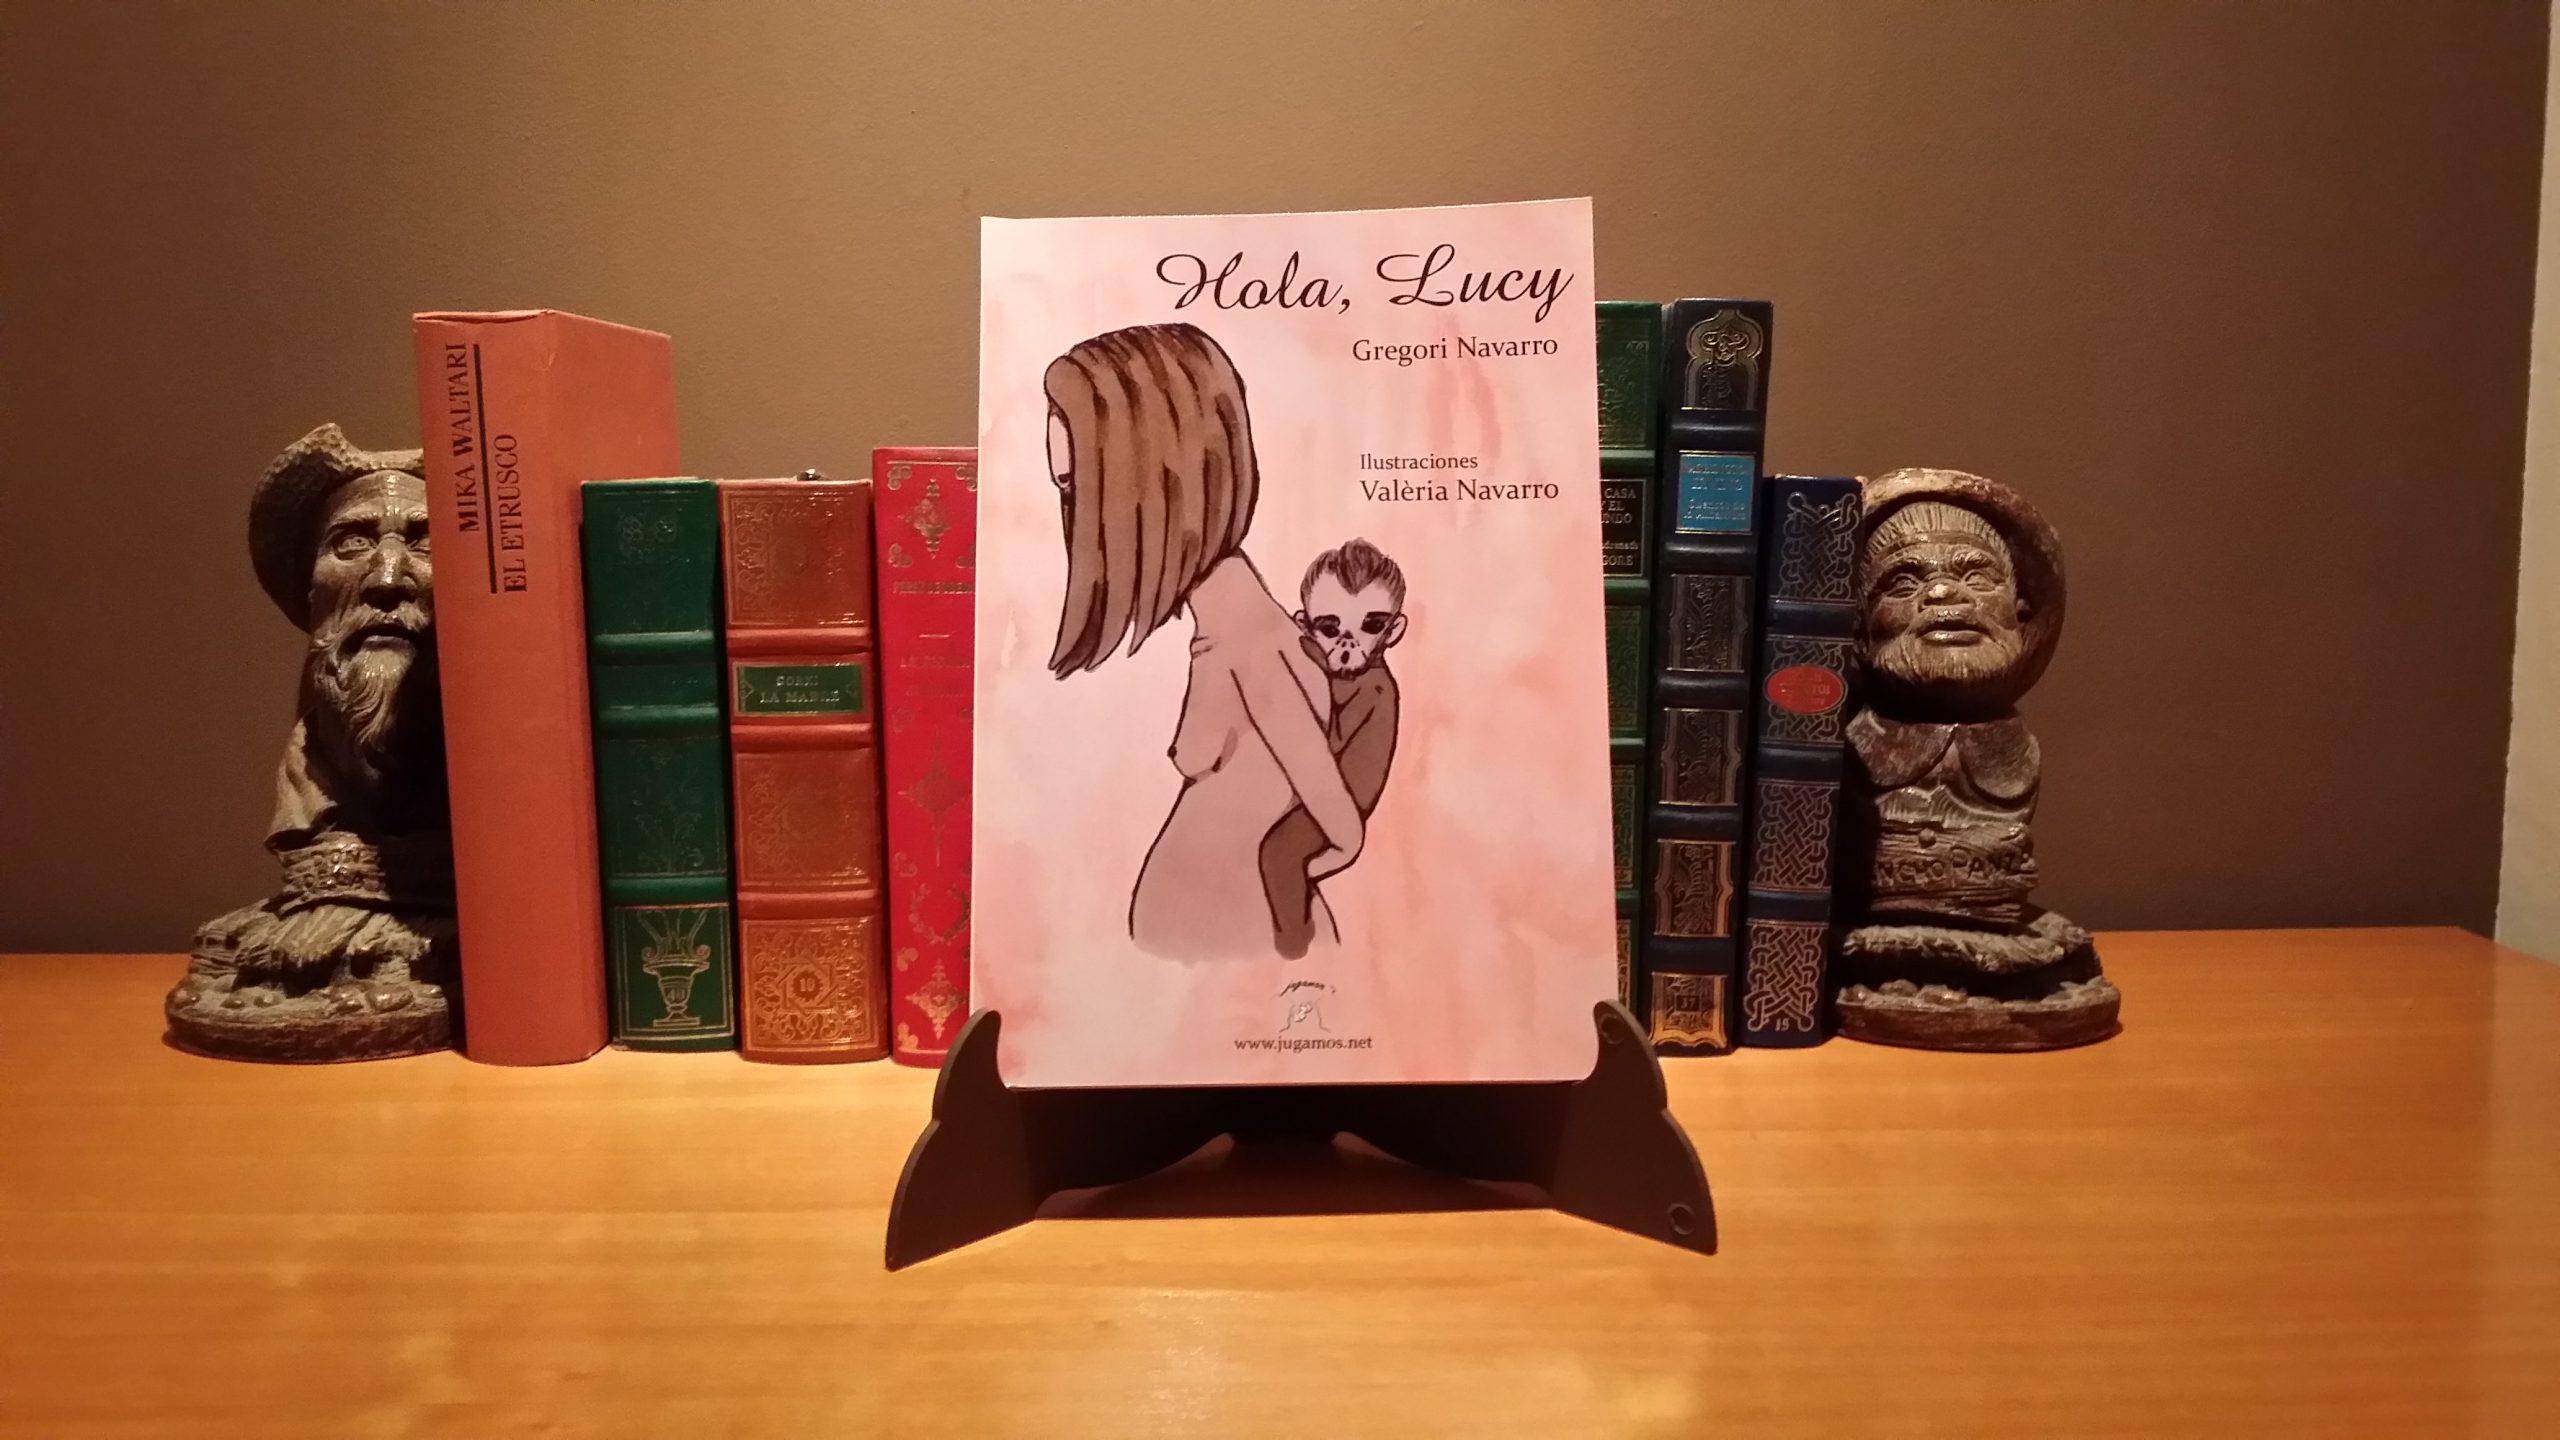 """""""Hola Lucy"""" un relato de Gregori Navarro con ilustraciones de Valèria Navarro"""